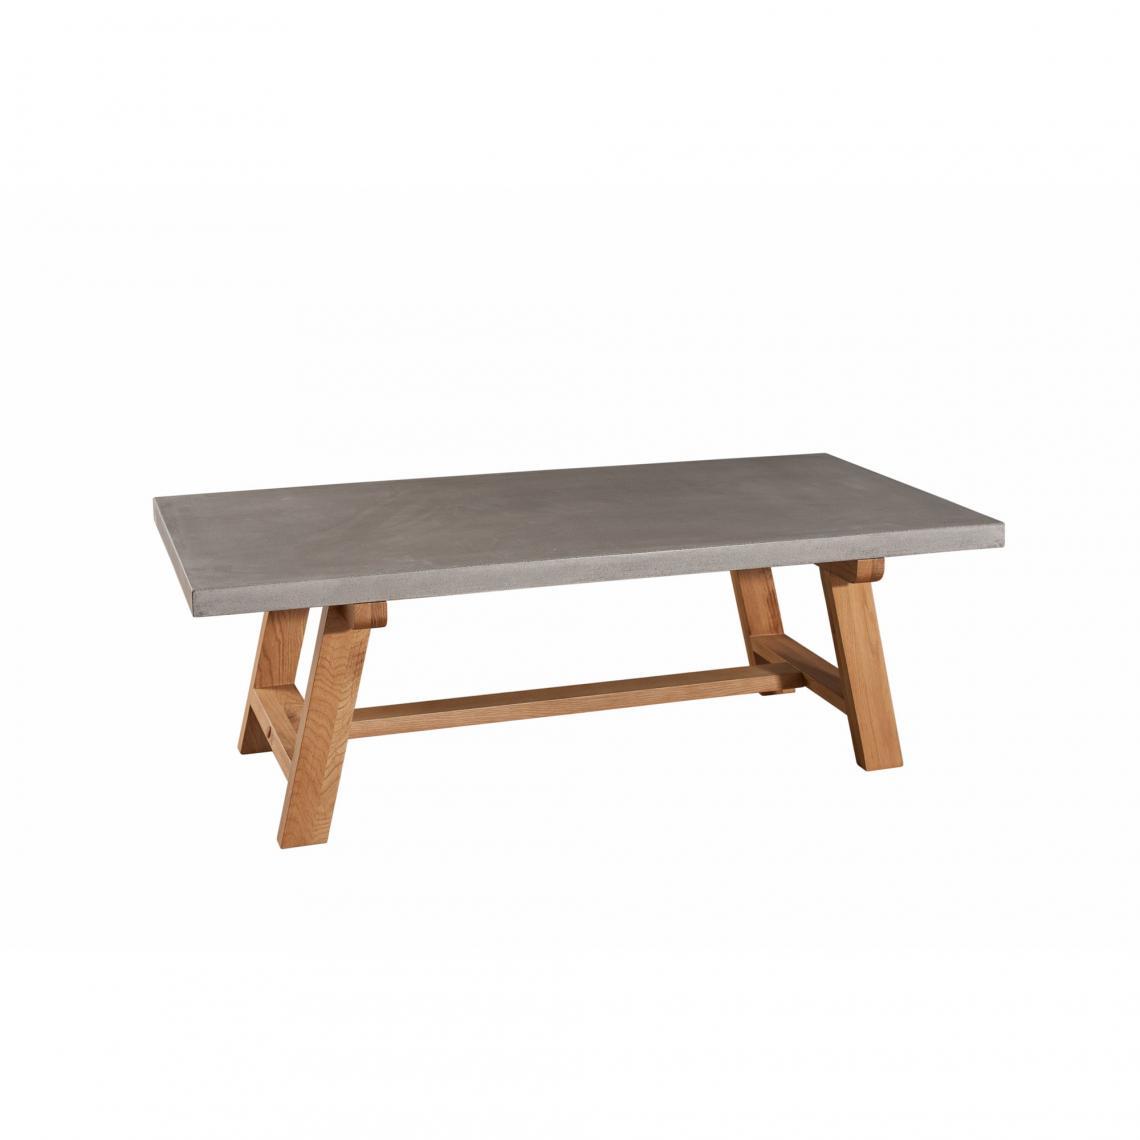 Comment Faire Une Table En Béton Ciré table basse rectangulaire en chêne plateau bâton ciré 120 x 60 cm style  industriel - chêne clair / bâton plus de détails